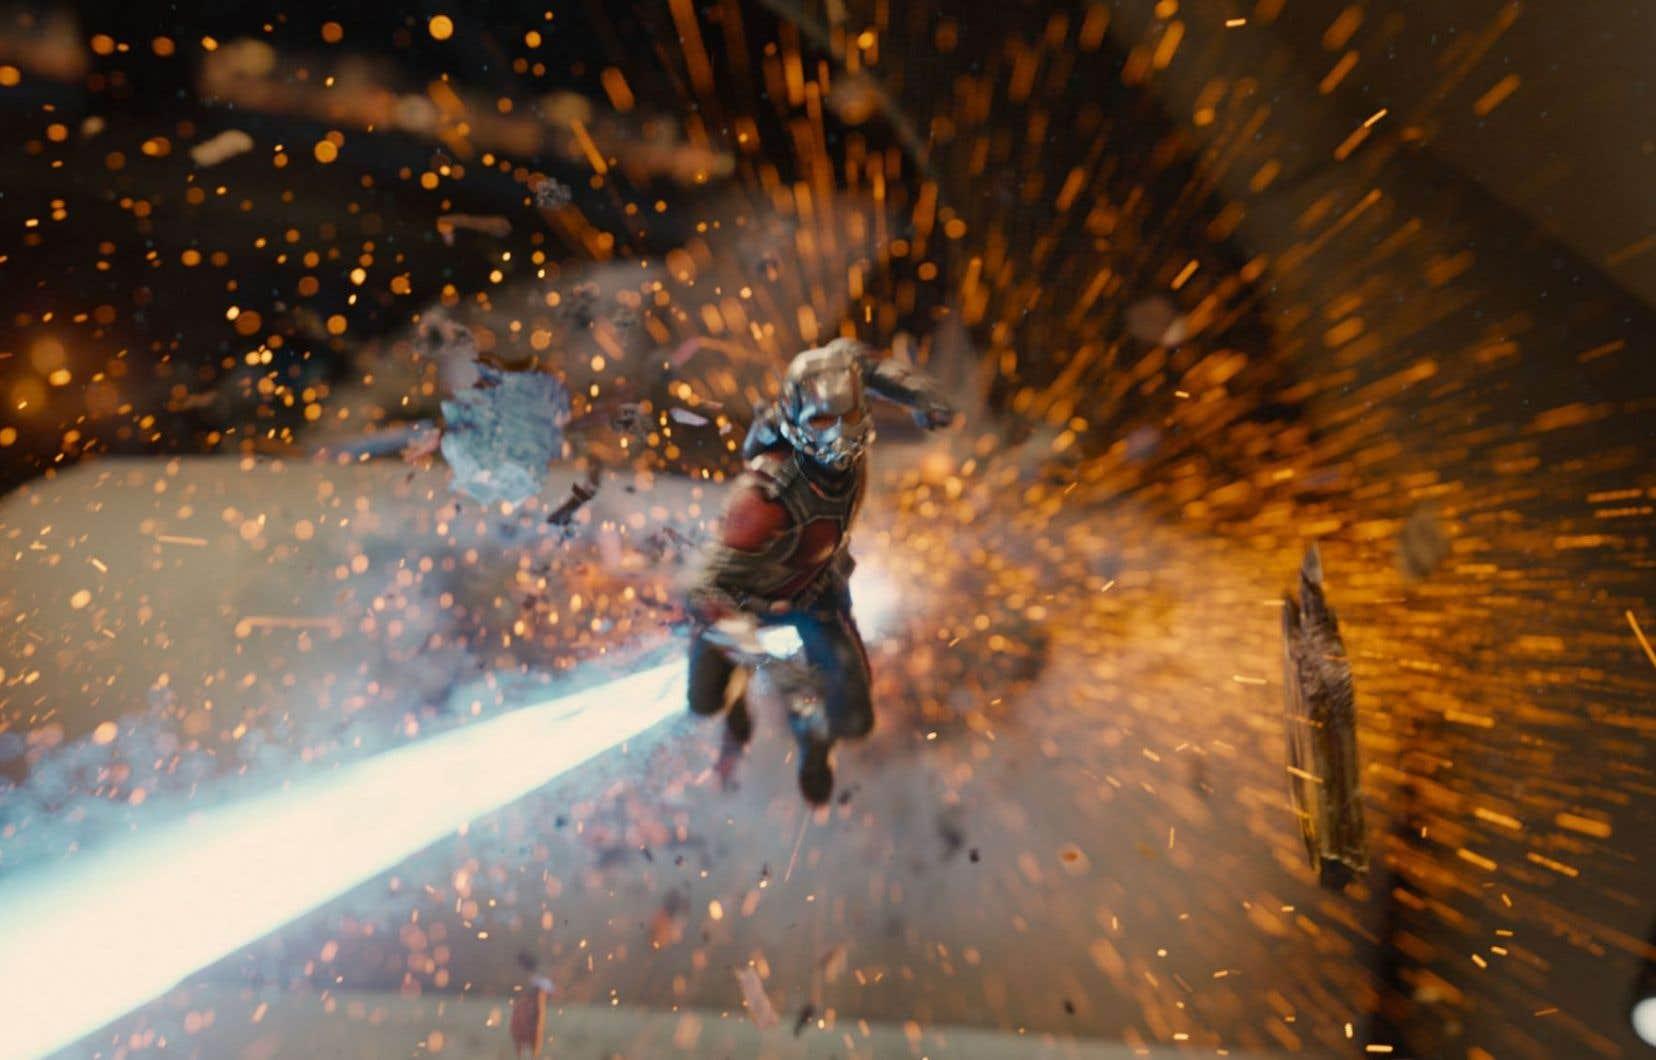 Le succès d'un film comme Ant-Man repose pour une bonne part sur la qualité des trucages et des effets spéciaux, et sur l'usage qu'on en fait. Sans surprise, le spectacle impressionne.